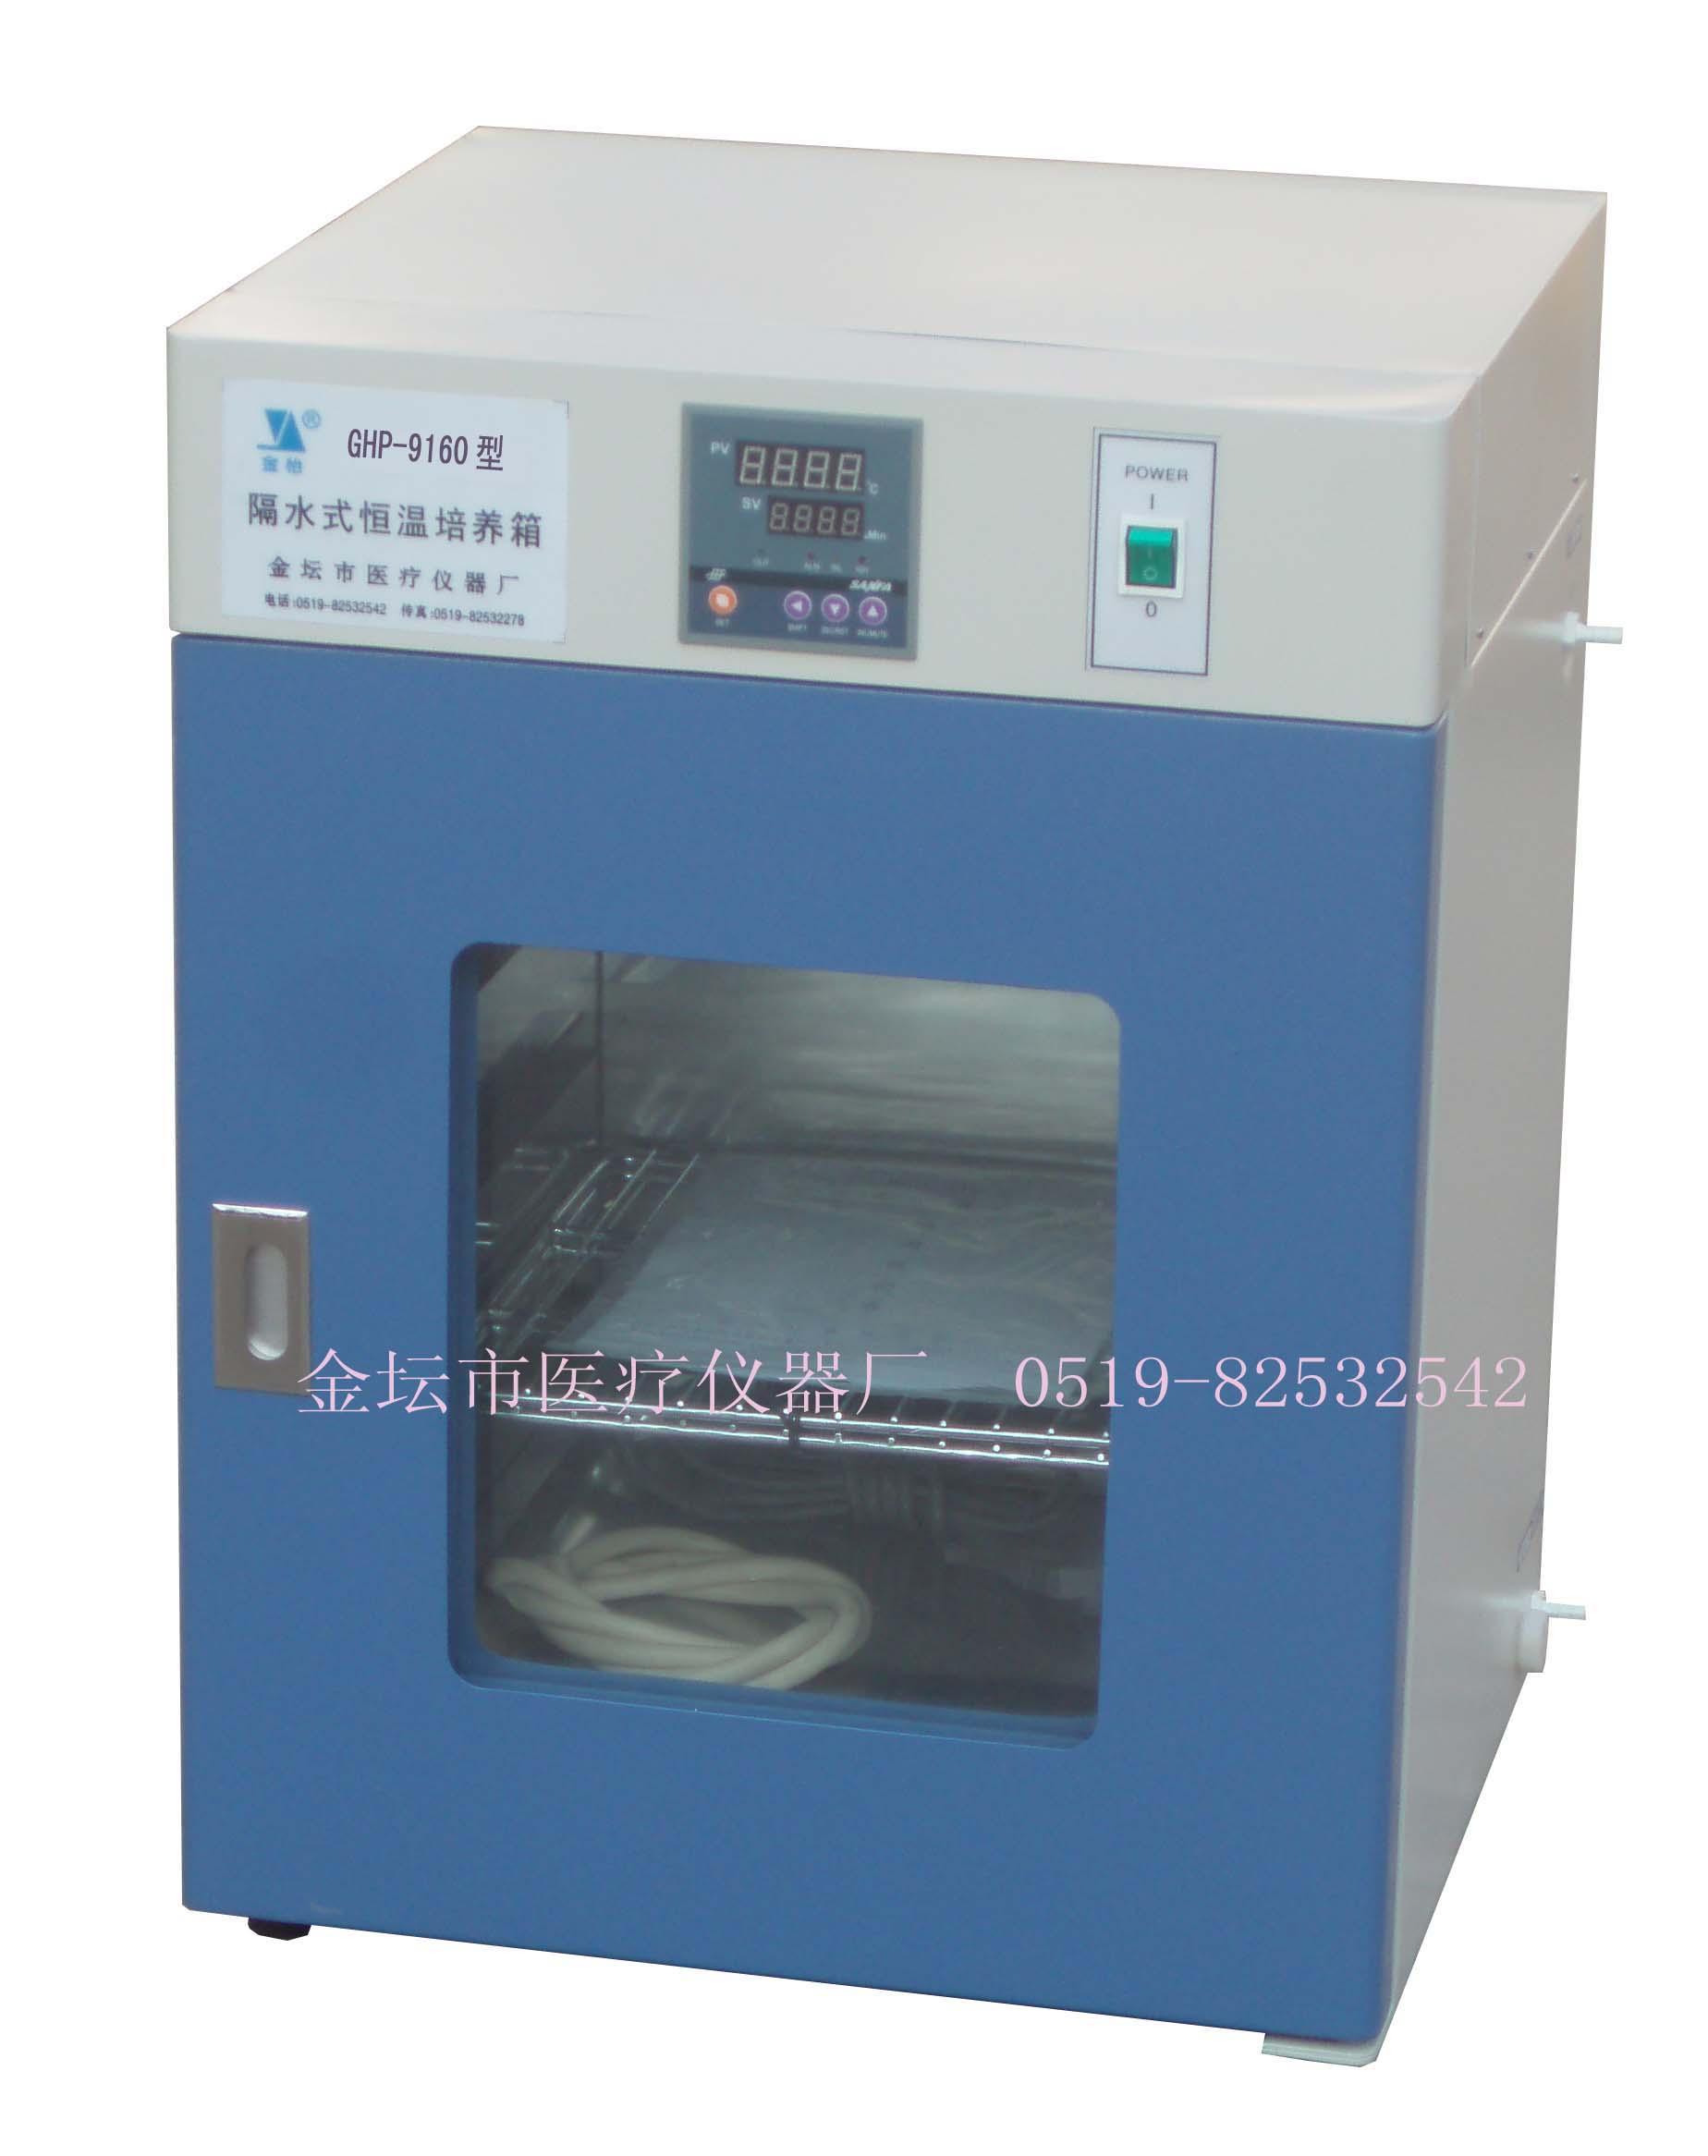 江苏金坛GHP-50隔水式培养箱